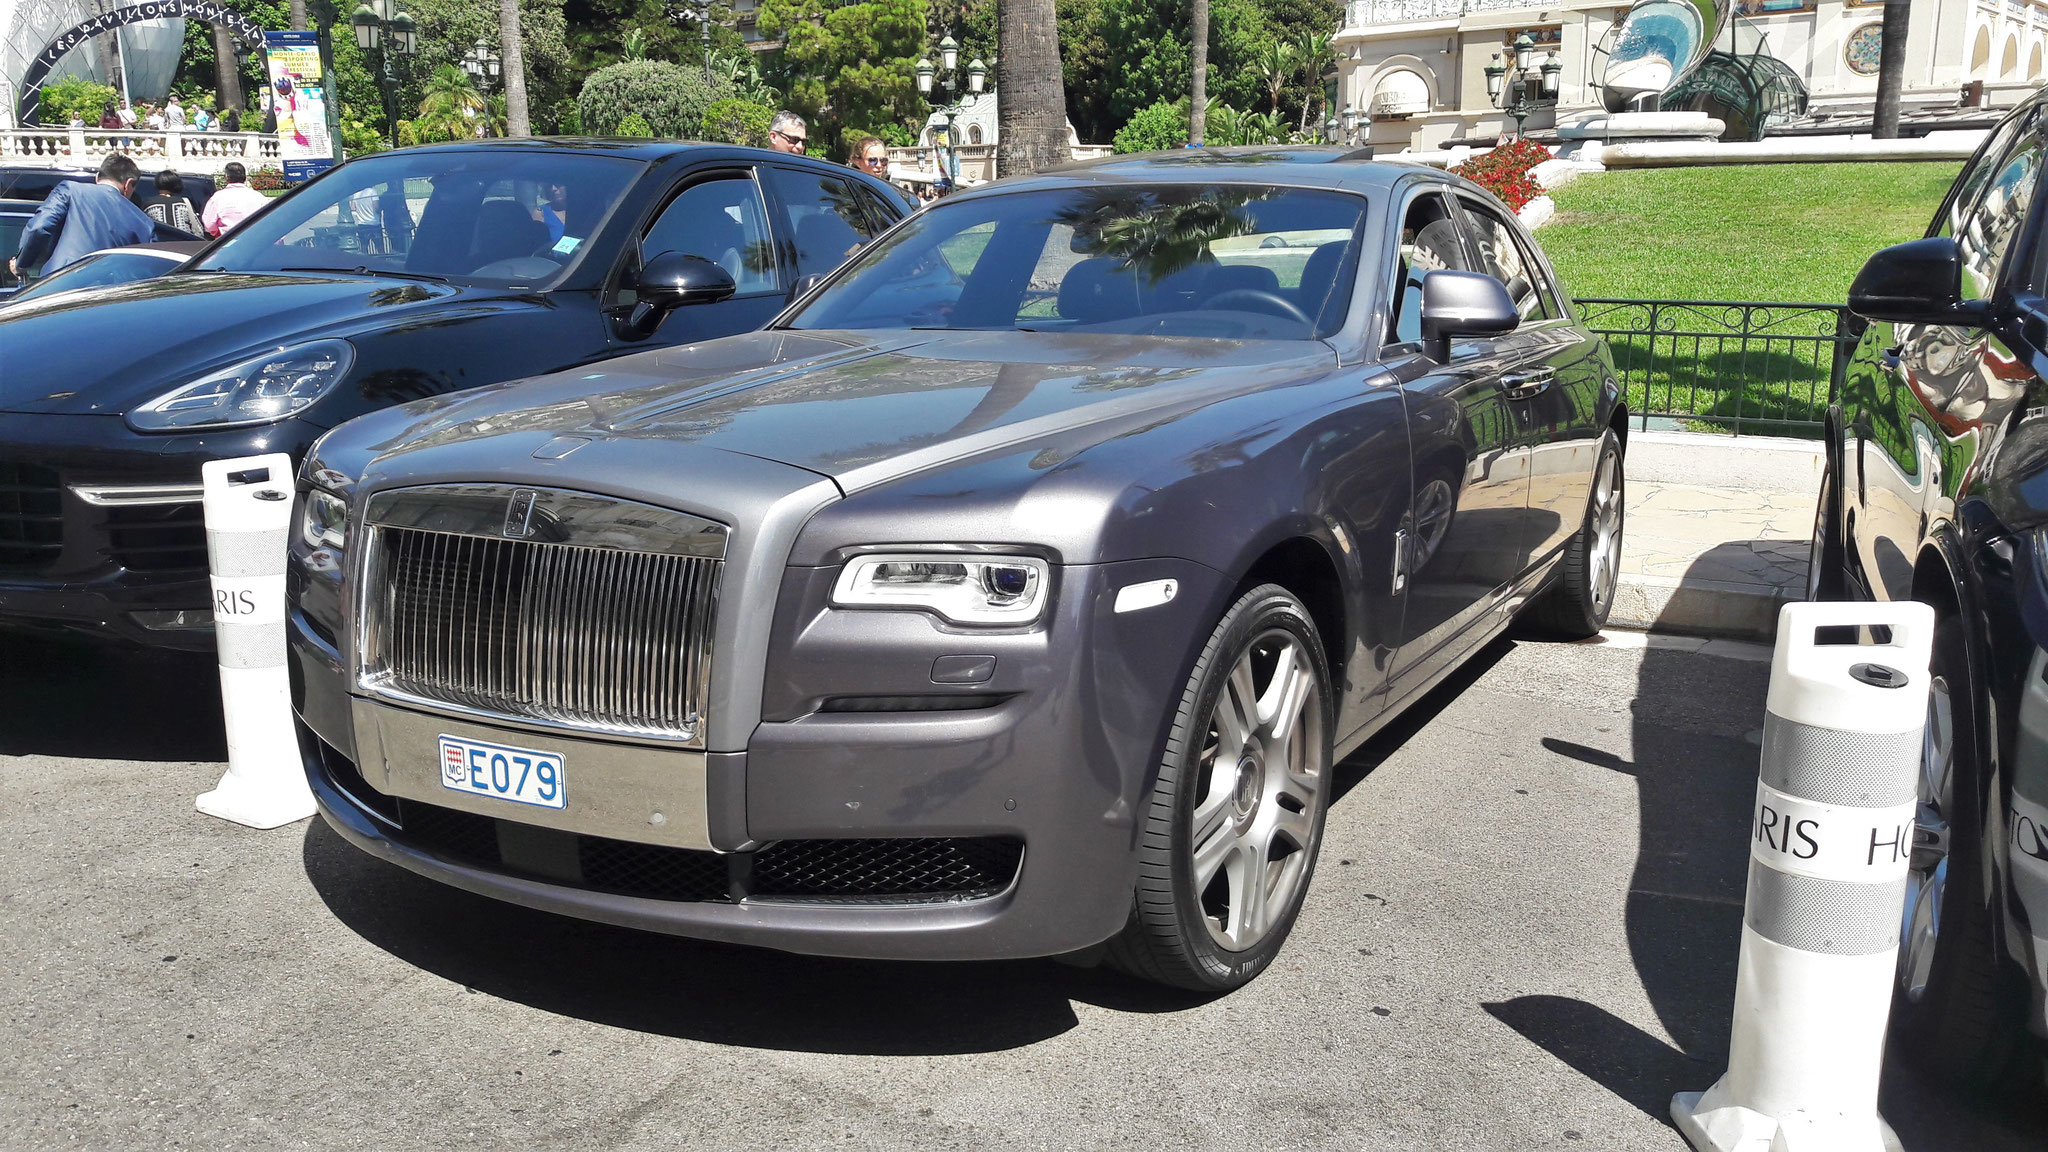 Rolls Royce Ghost Series II - E079 (MC)